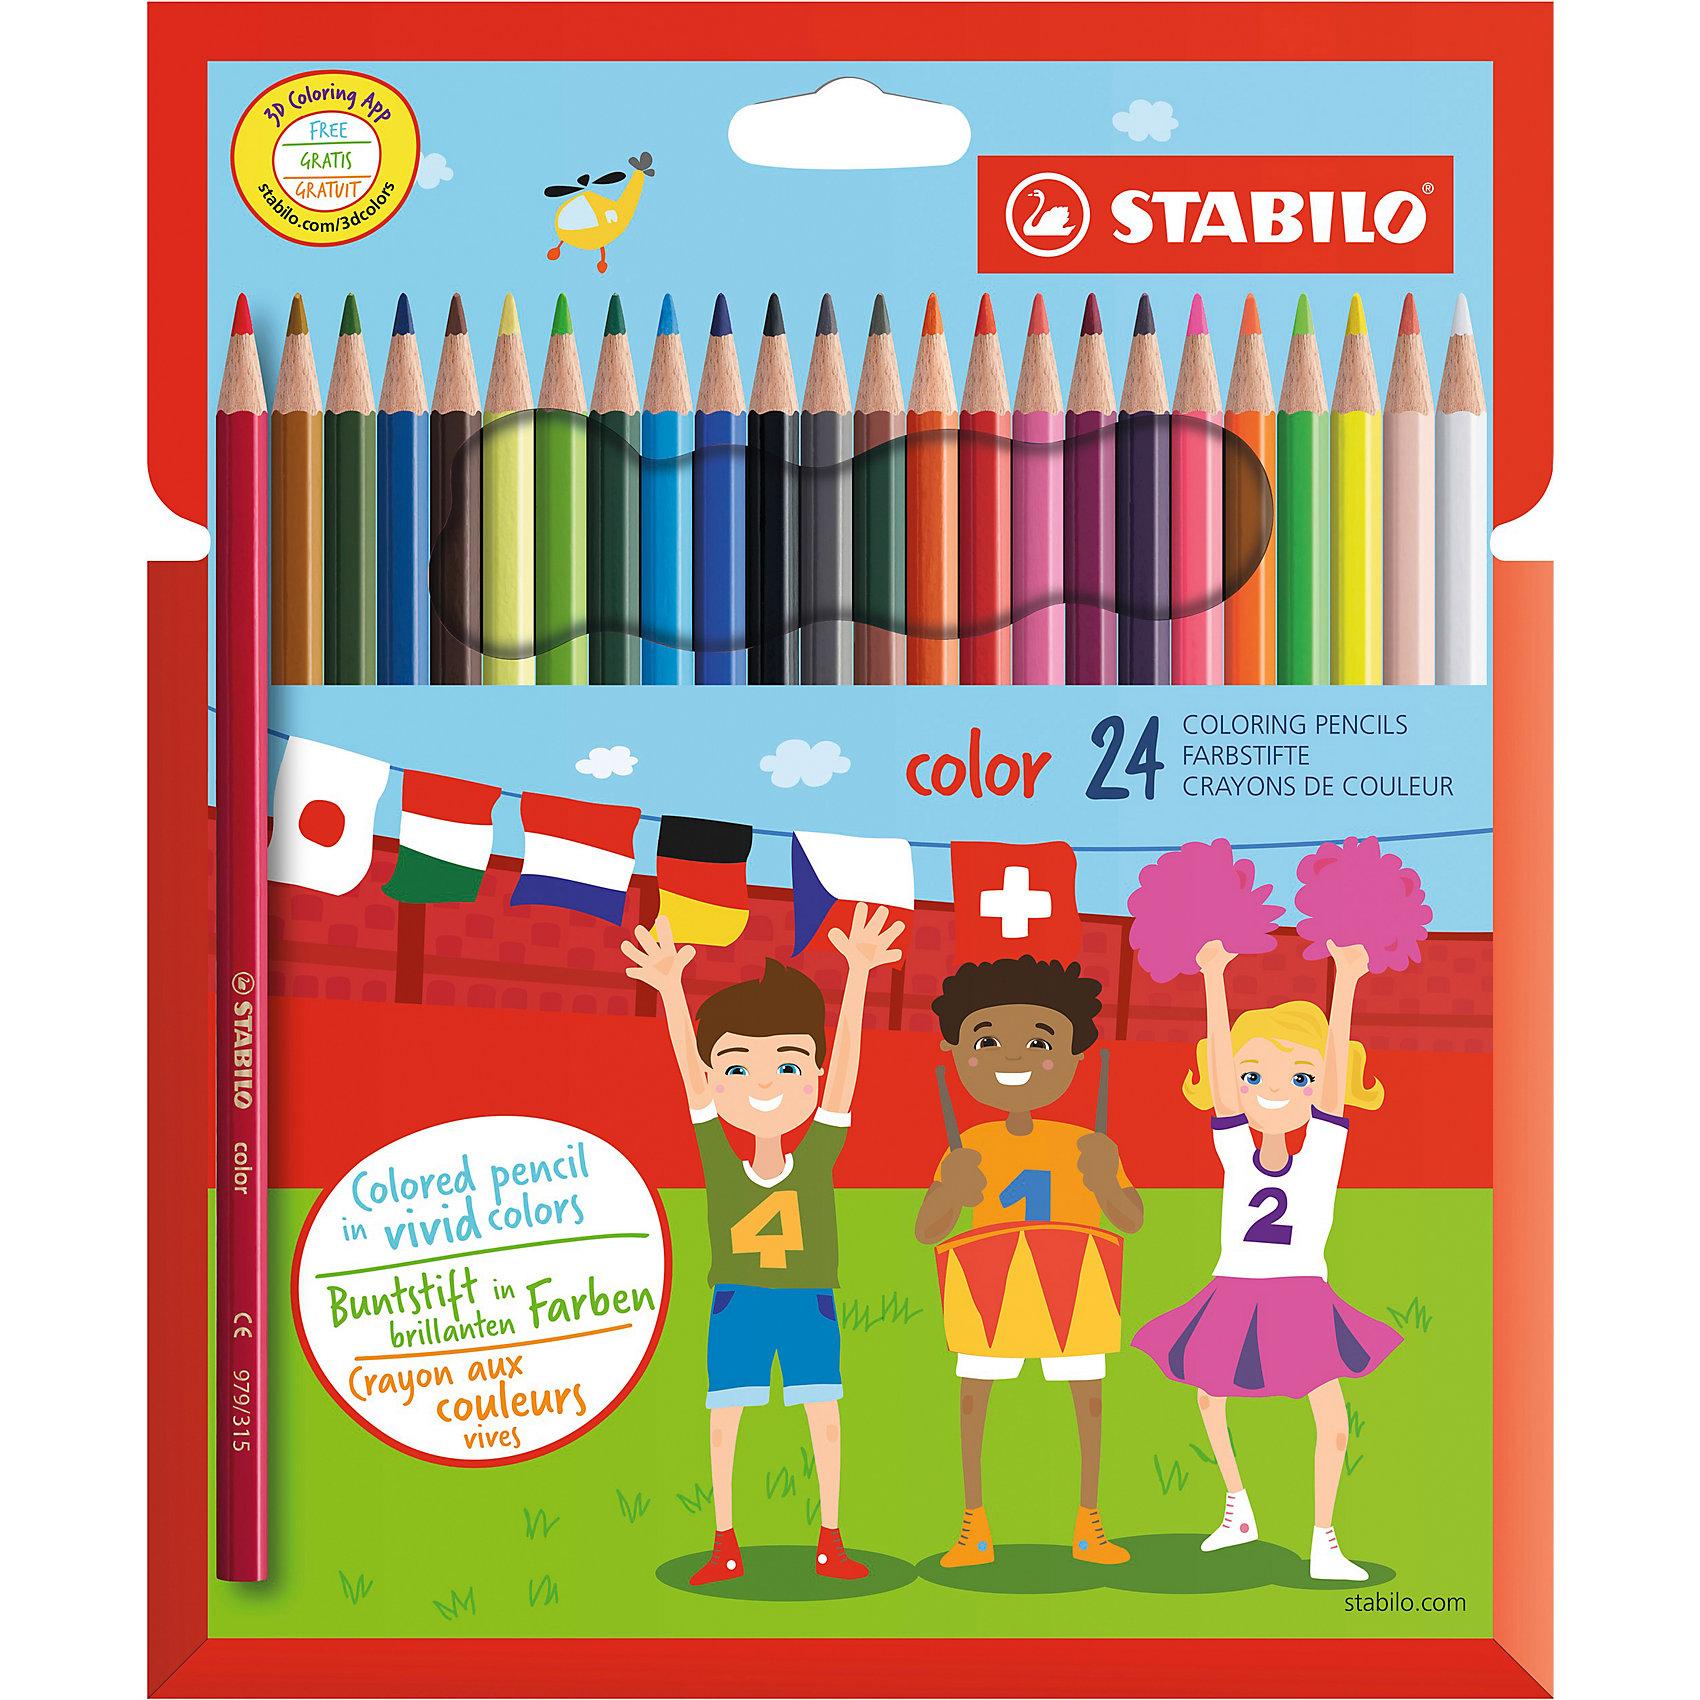 Набор цветных карандашей 24 цв.Набор цветных карандашей 24 цв. от марки Stabilo<br><br>Эти карандаши созданы немецкой компанией для комфортного и легкого рисования. Легко затачиваются, при этом грифель очень устойчив к поломкам. Цвета яркие, линия мягкая и однородная. Будут долго держаться на бумаге и не выцветать. Рисование помогает детям развивать усидчивость, воображение, образное восприятие мира, а также мелкую моторику рук.  <br>Грифель - из высококачественного материала. В наборе - 24 карандаша разных цветов. Они отлично лежат в руке благодаря удобной форме и качественному покрытию.<br><br>Особенности данной модели:<br><br>комплектация: 24 шт.<br><br>Набор цветных карандашей 24 цв. от марки Stabilo можно купить в нашем магазине.<br><br>Ширина мм: 211<br>Глубина мм: 167<br>Высота мм: 13<br>Вес г: 122<br>Возраст от месяцев: 60<br>Возраст до месяцев: 120<br>Пол: Унисекс<br>Возраст: Детский<br>SKU: 2606804